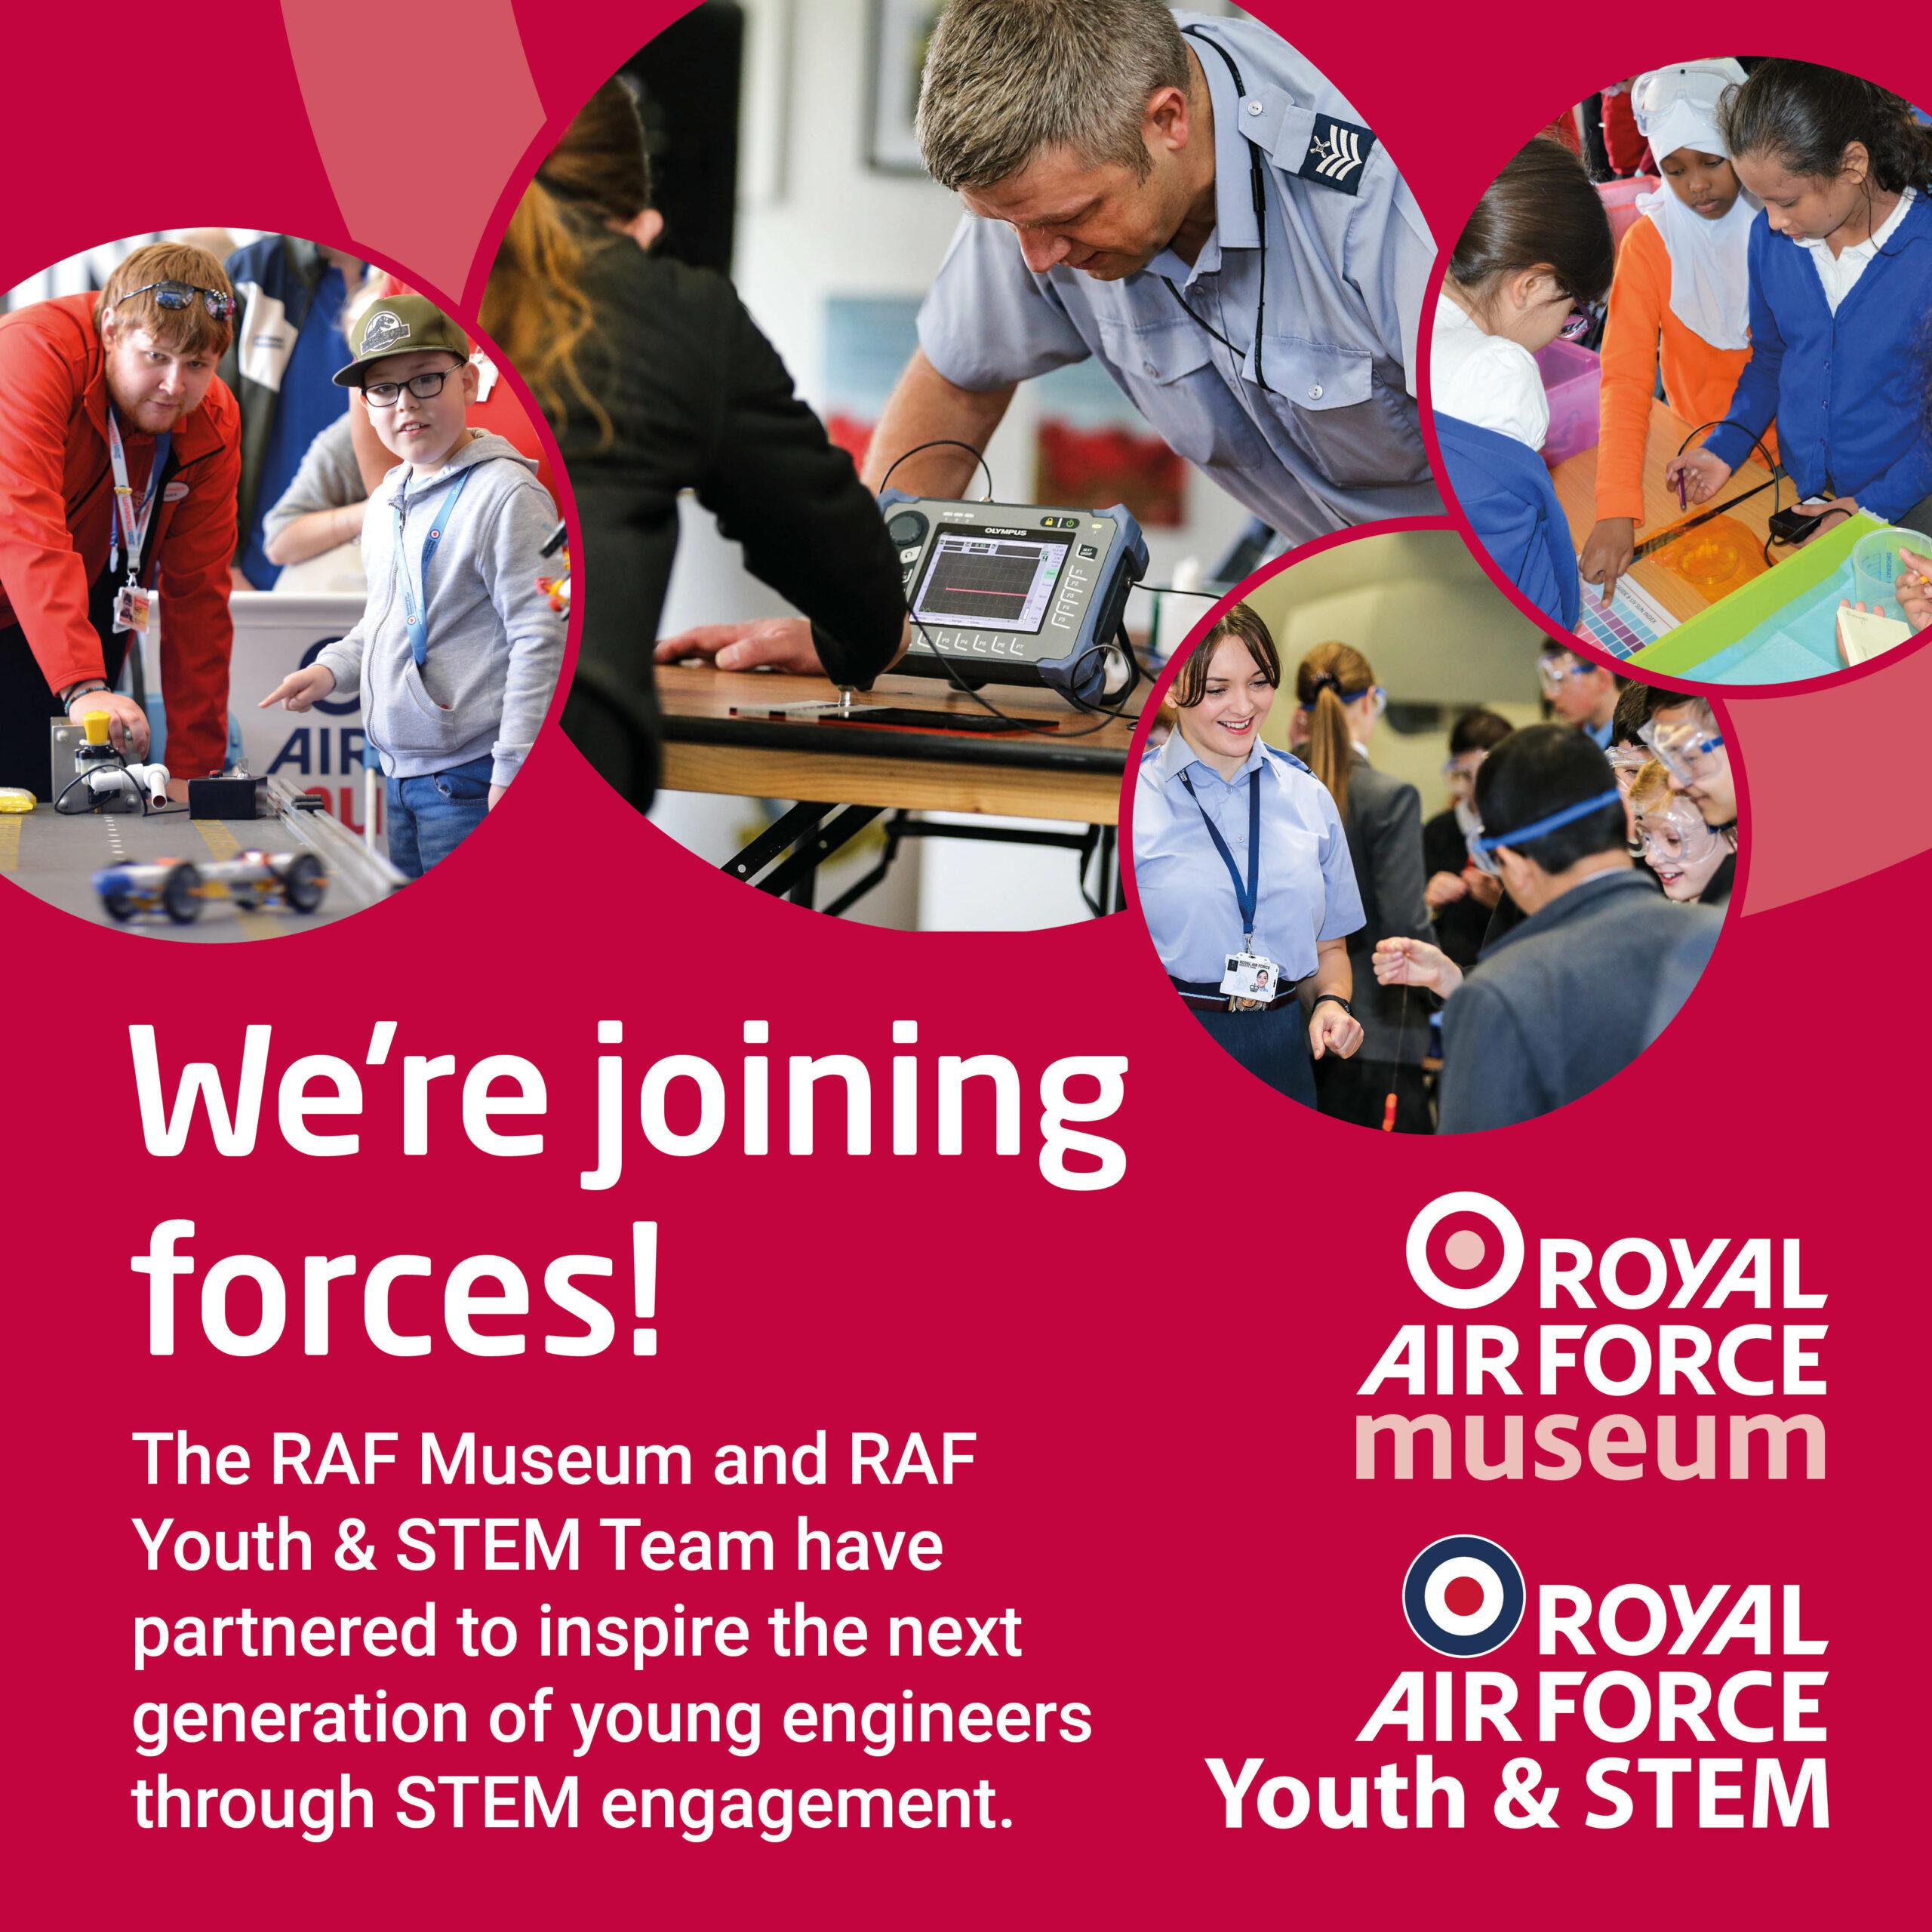 RAF Museum and RAF Youth & STEM Team